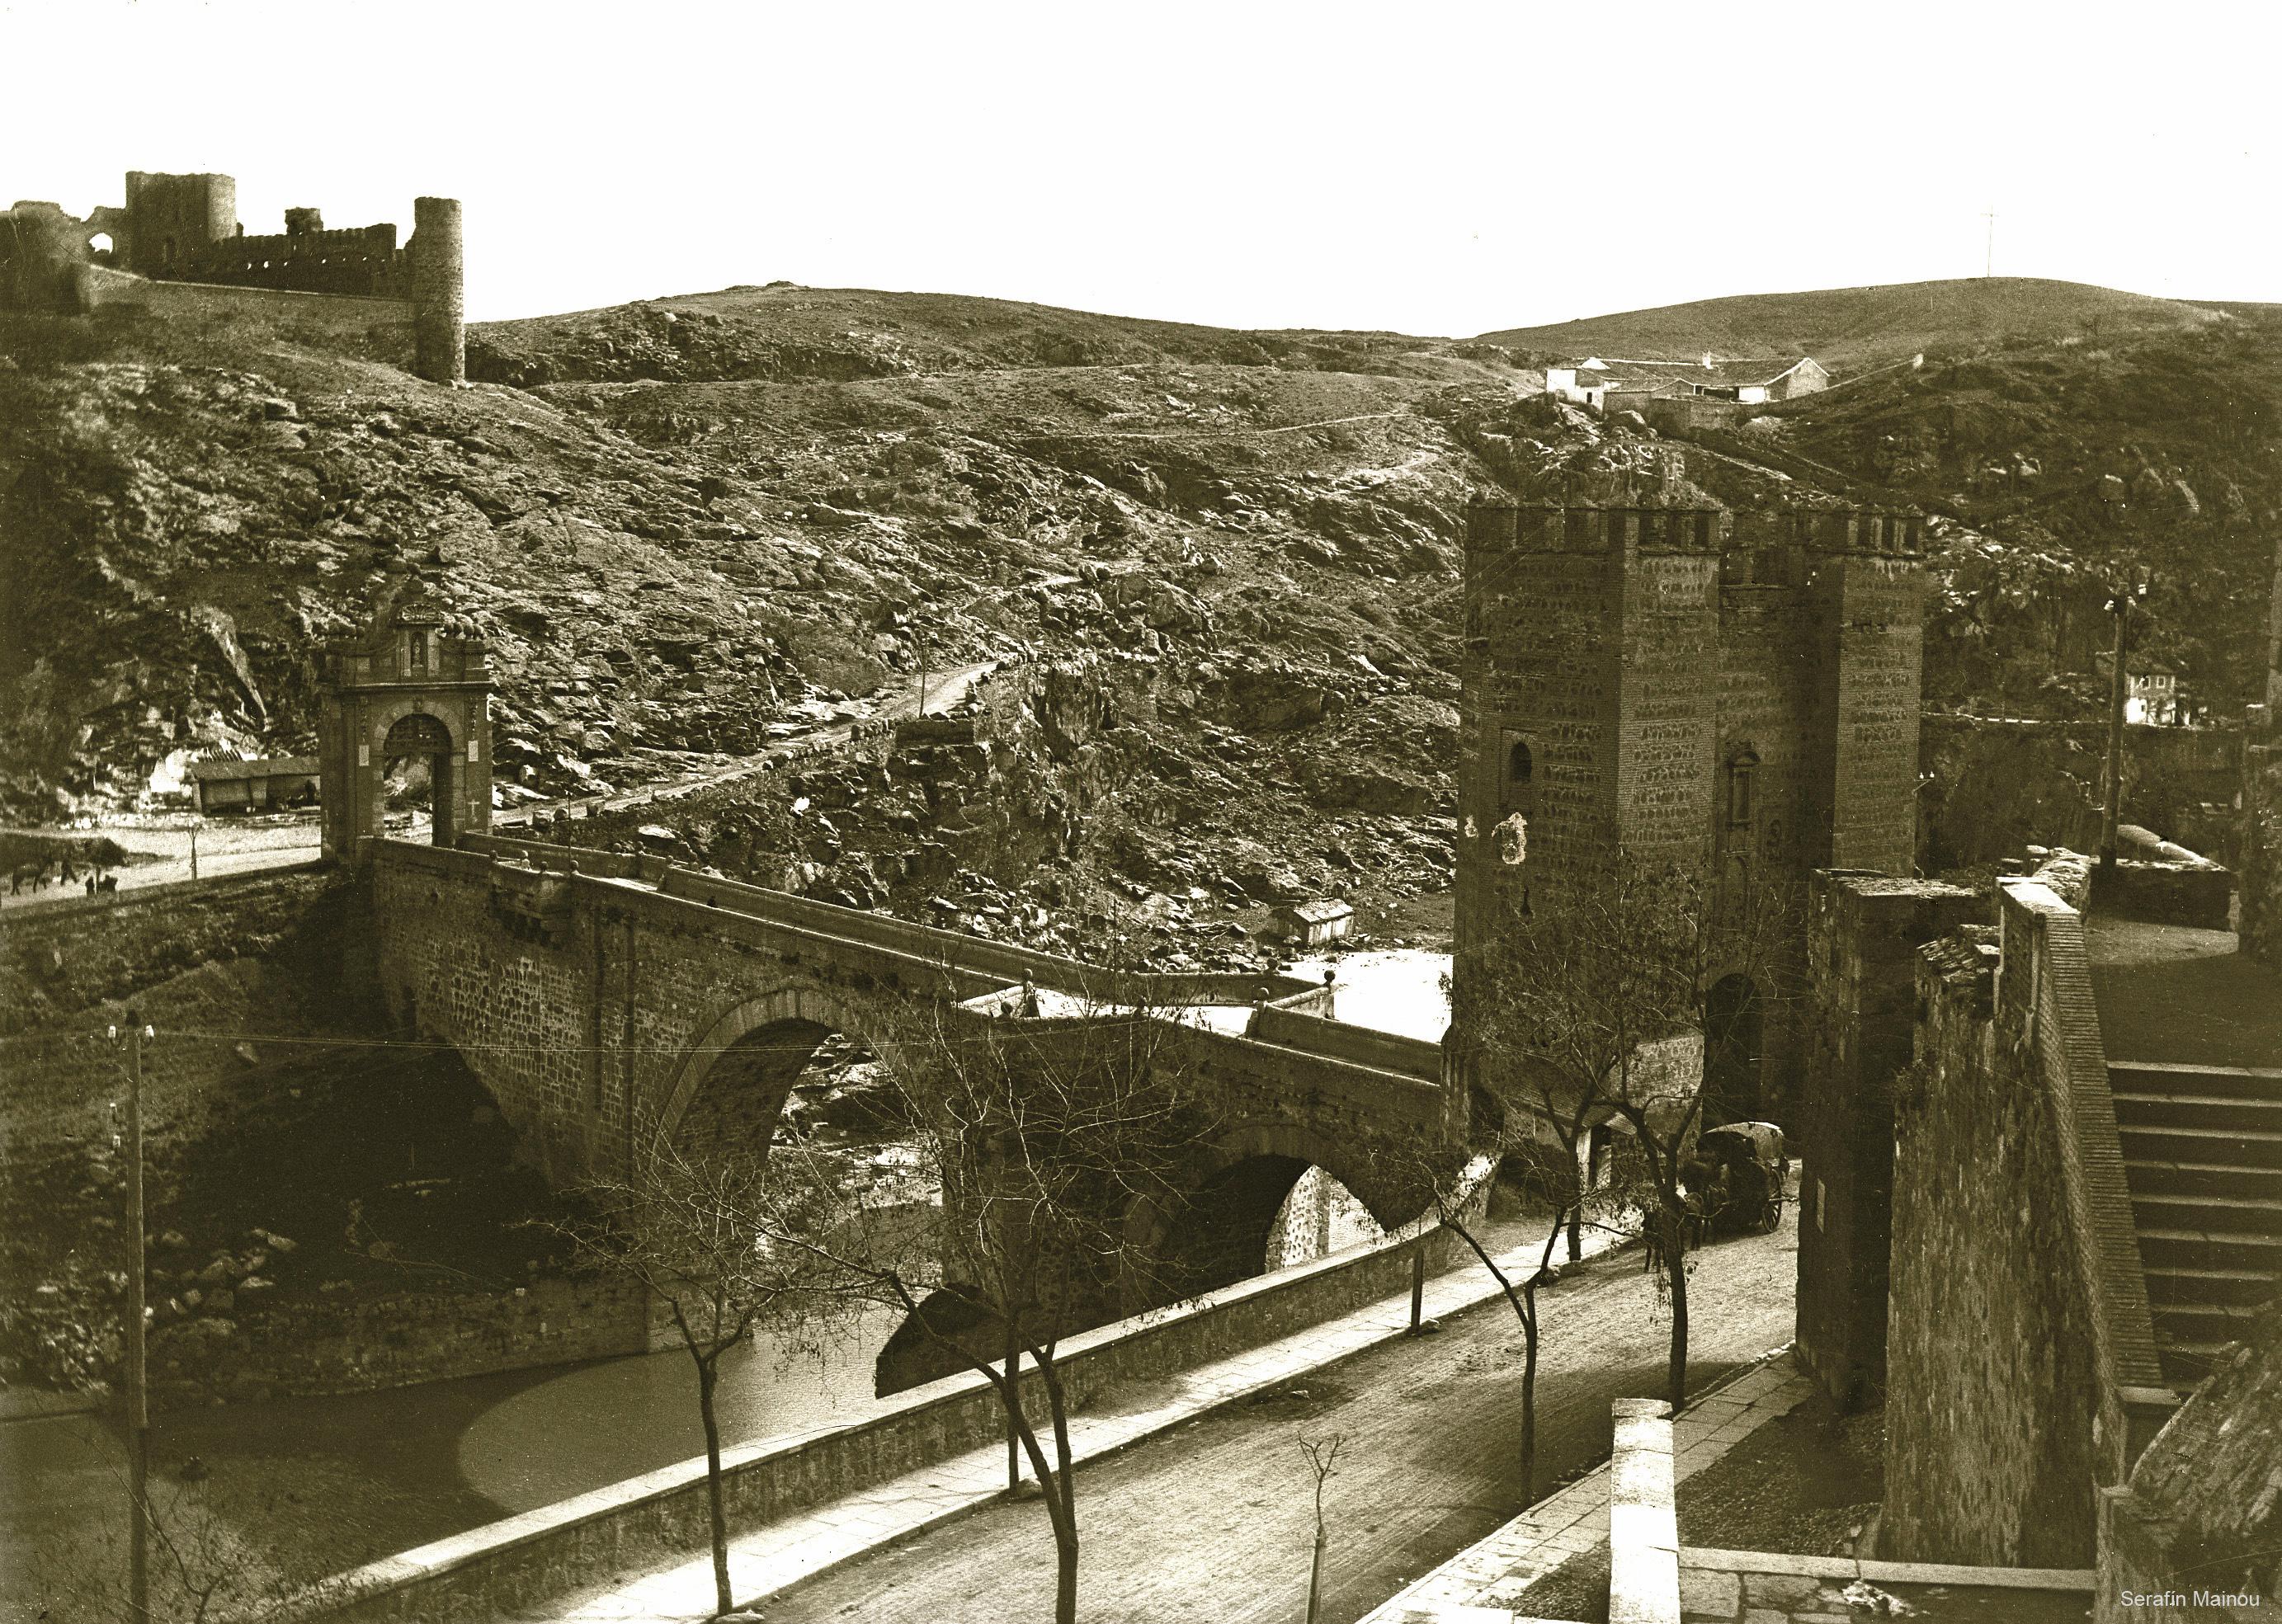 Puente de Alcántara y Castillo de San Servando hacia 1903. Fotografía de Serafín Mainou © Colección de Juan Modolell